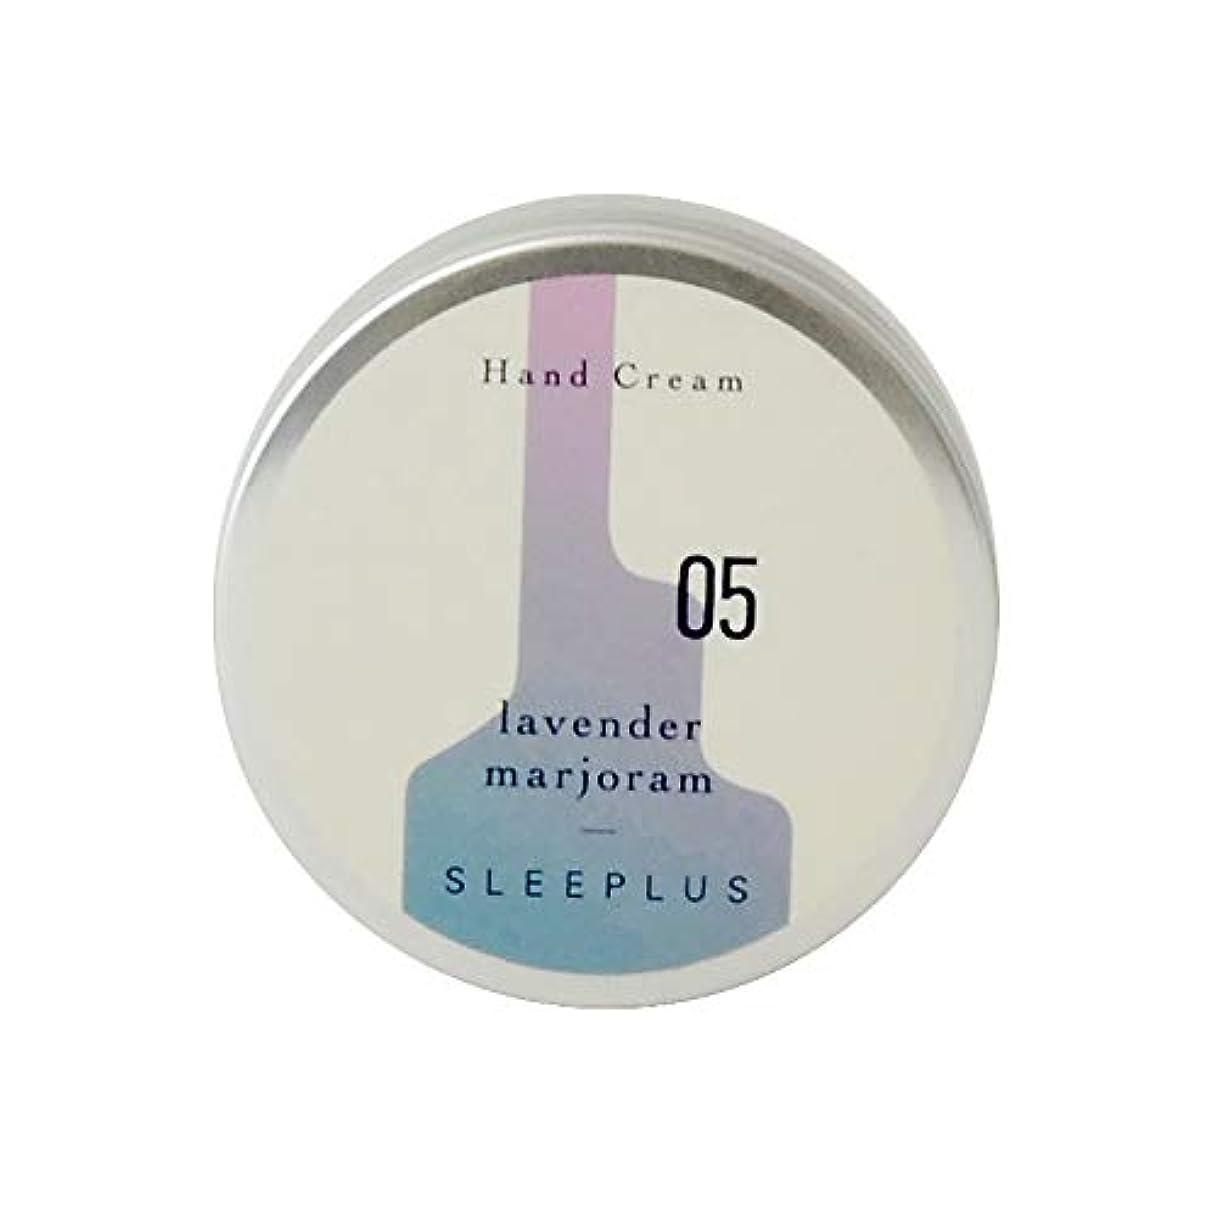 貧しいいらいらさせる業界Heavenly Aroom ハンドクリーム SLEEPLUS 05 ラベンダーマージョラム 75g